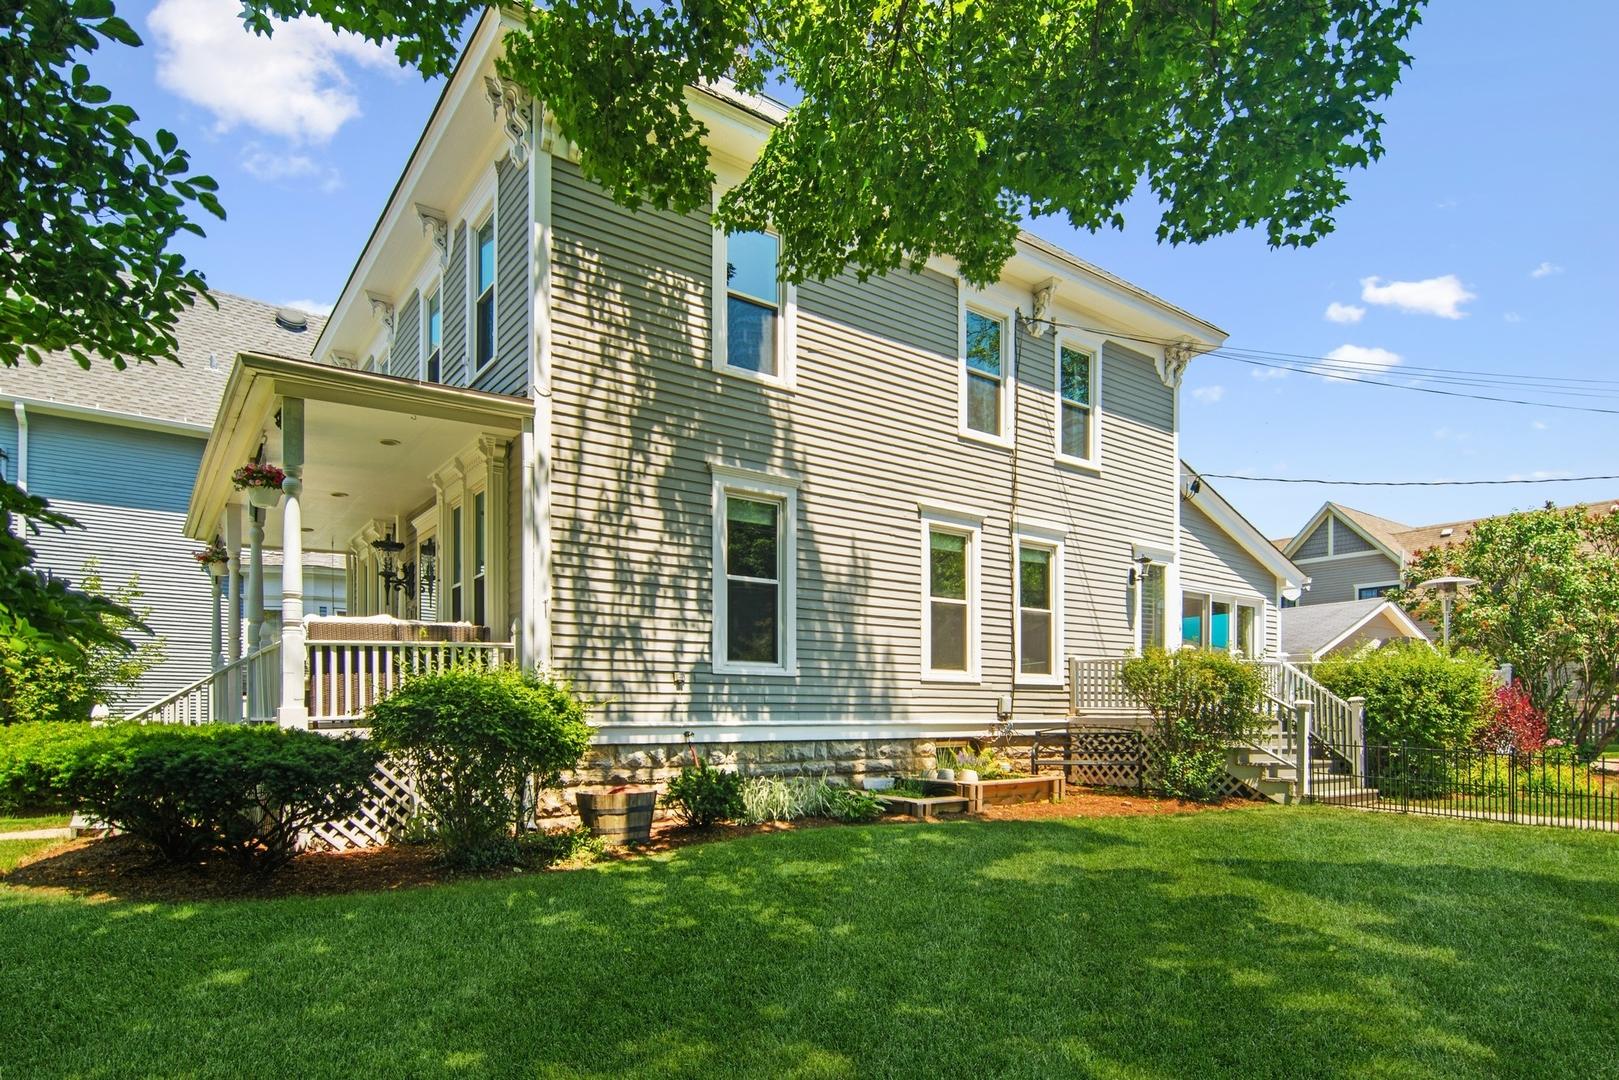 301 North ,Barrington, Illinois 60010